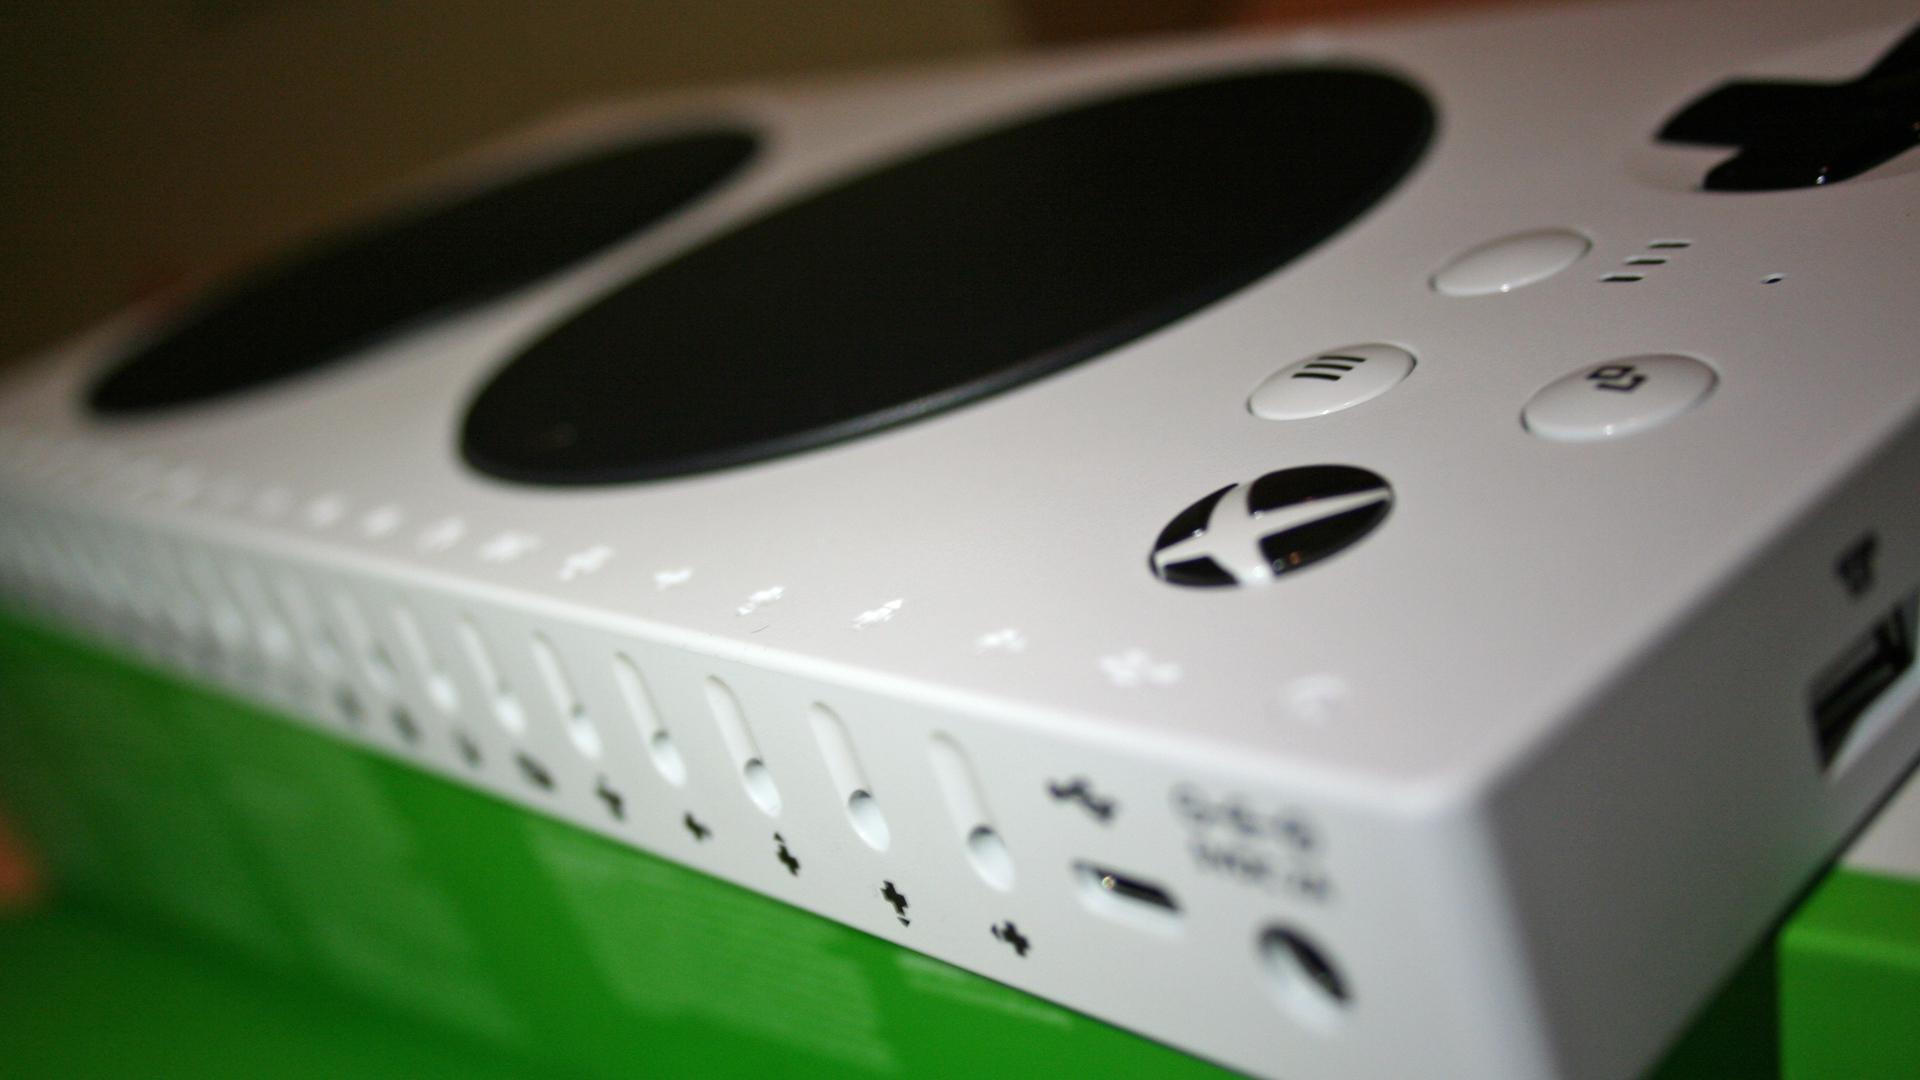 Der Adaptive Controller von Microsoft. Bild: Thomas Ruscher / WDR